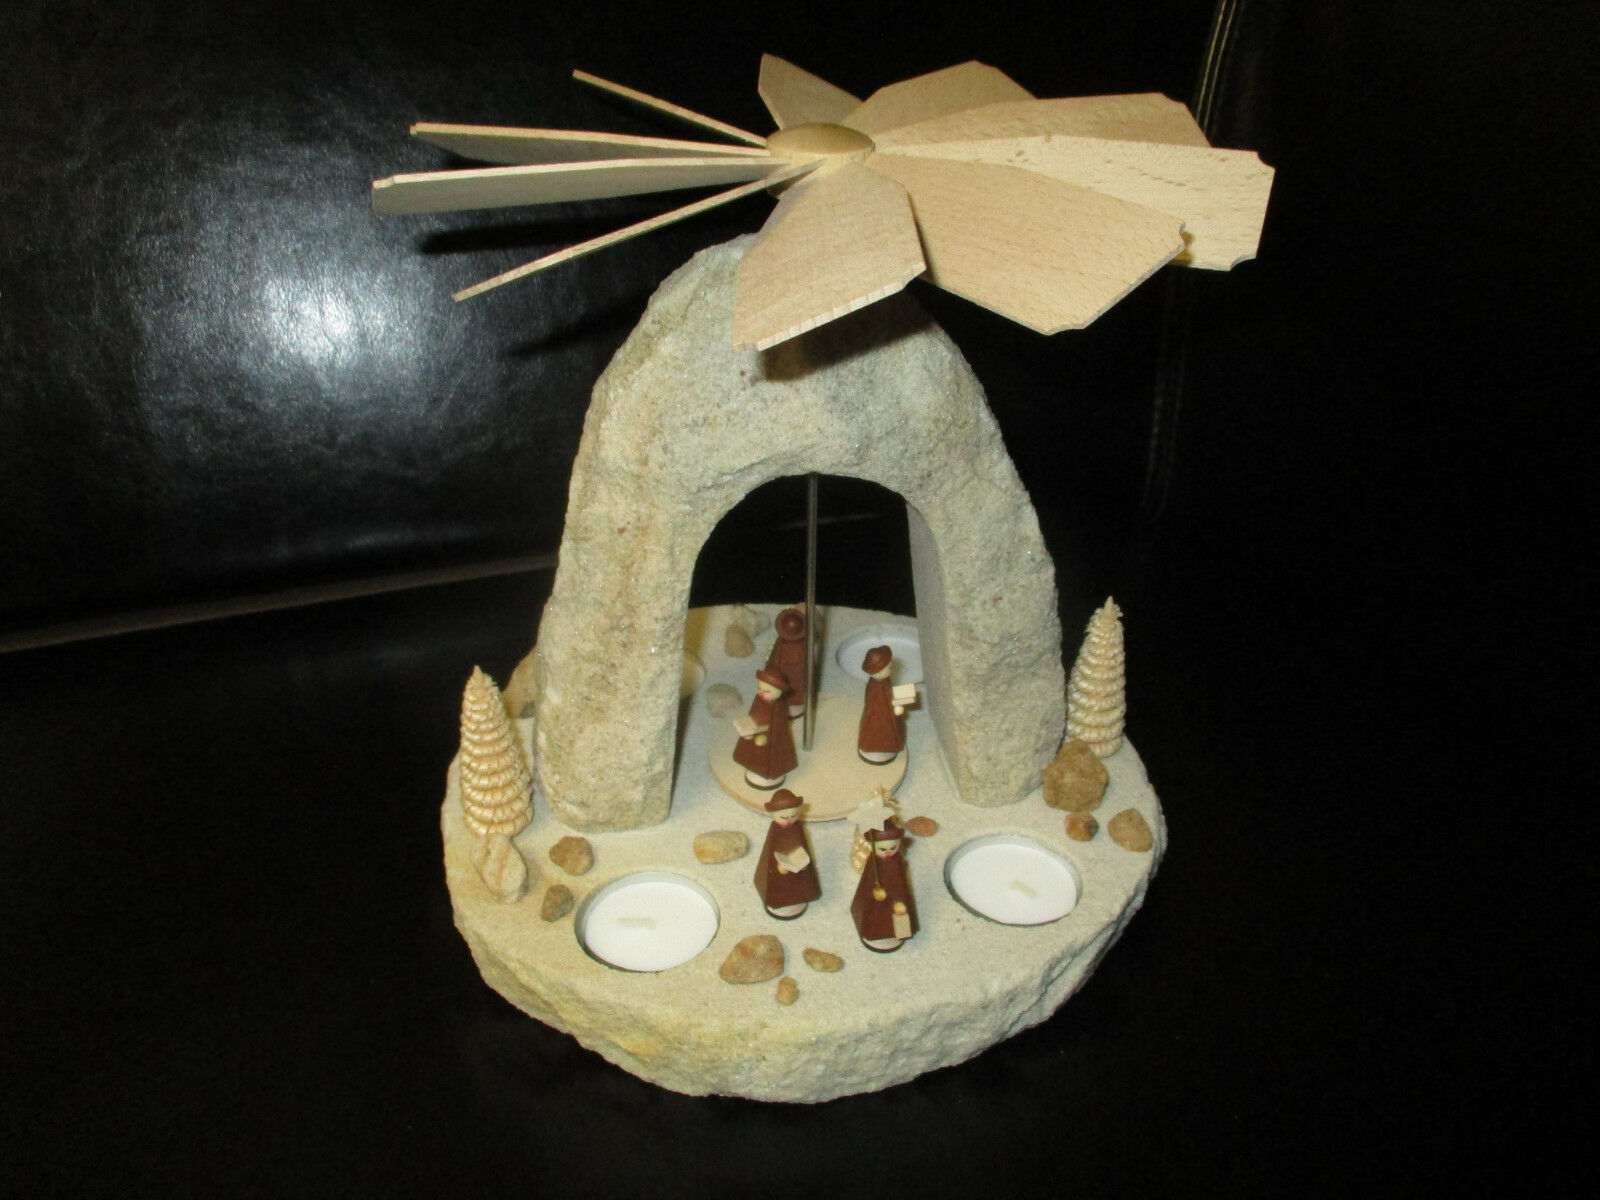 Weihnachtspyramide Sandstein mit Figuren aus Holz - Pyramide Unikat – Neu  3